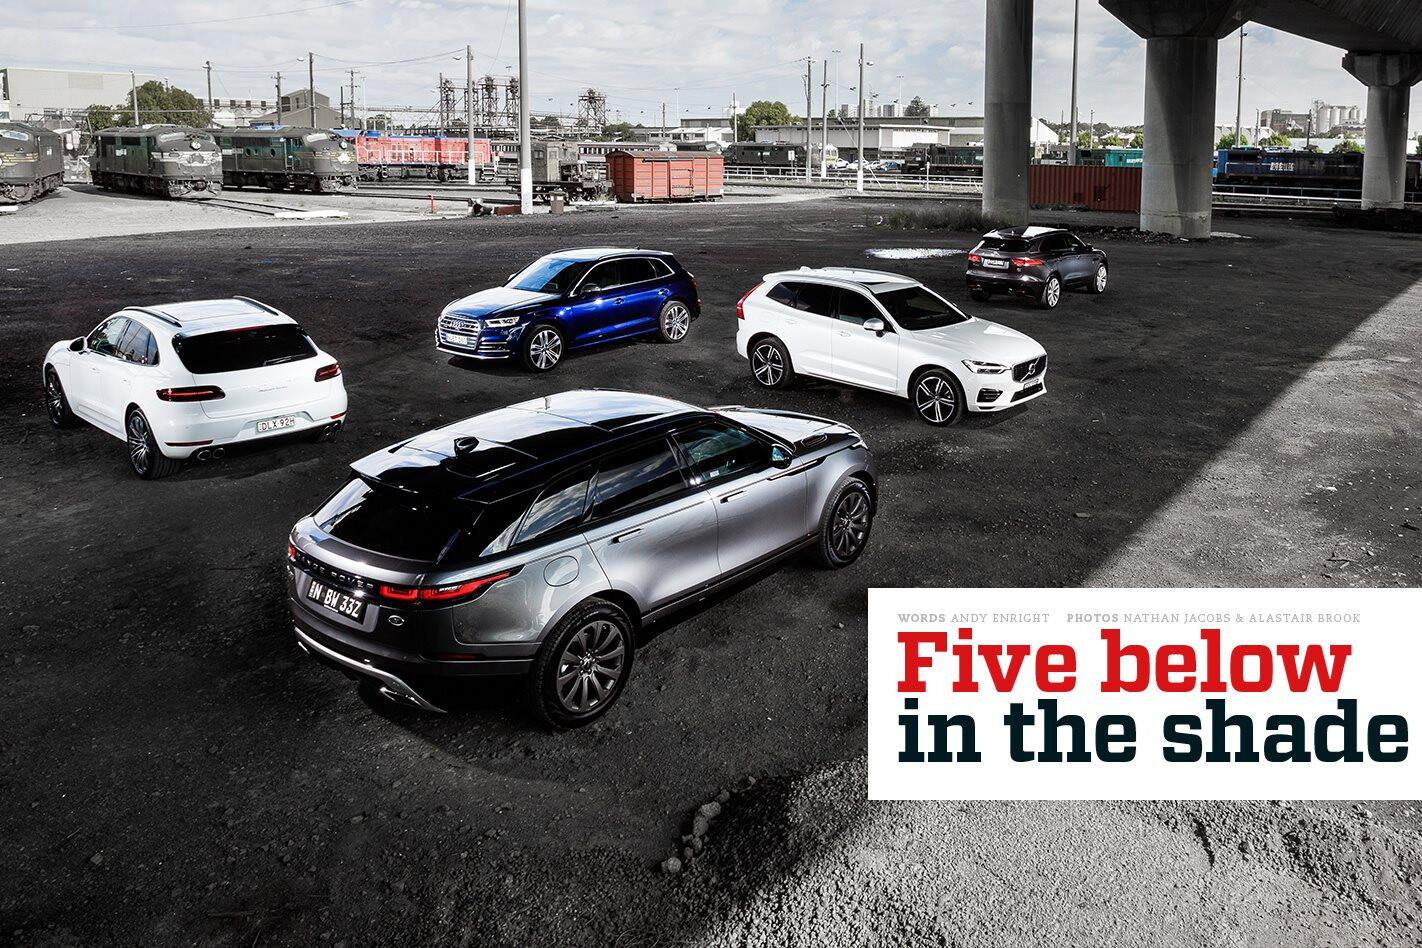 Audi SQ5 v Jaguar F-Pace S v Porsche Macan Turbo v Range Rover Velar P380 v Volvo XC60 T8 comparison review